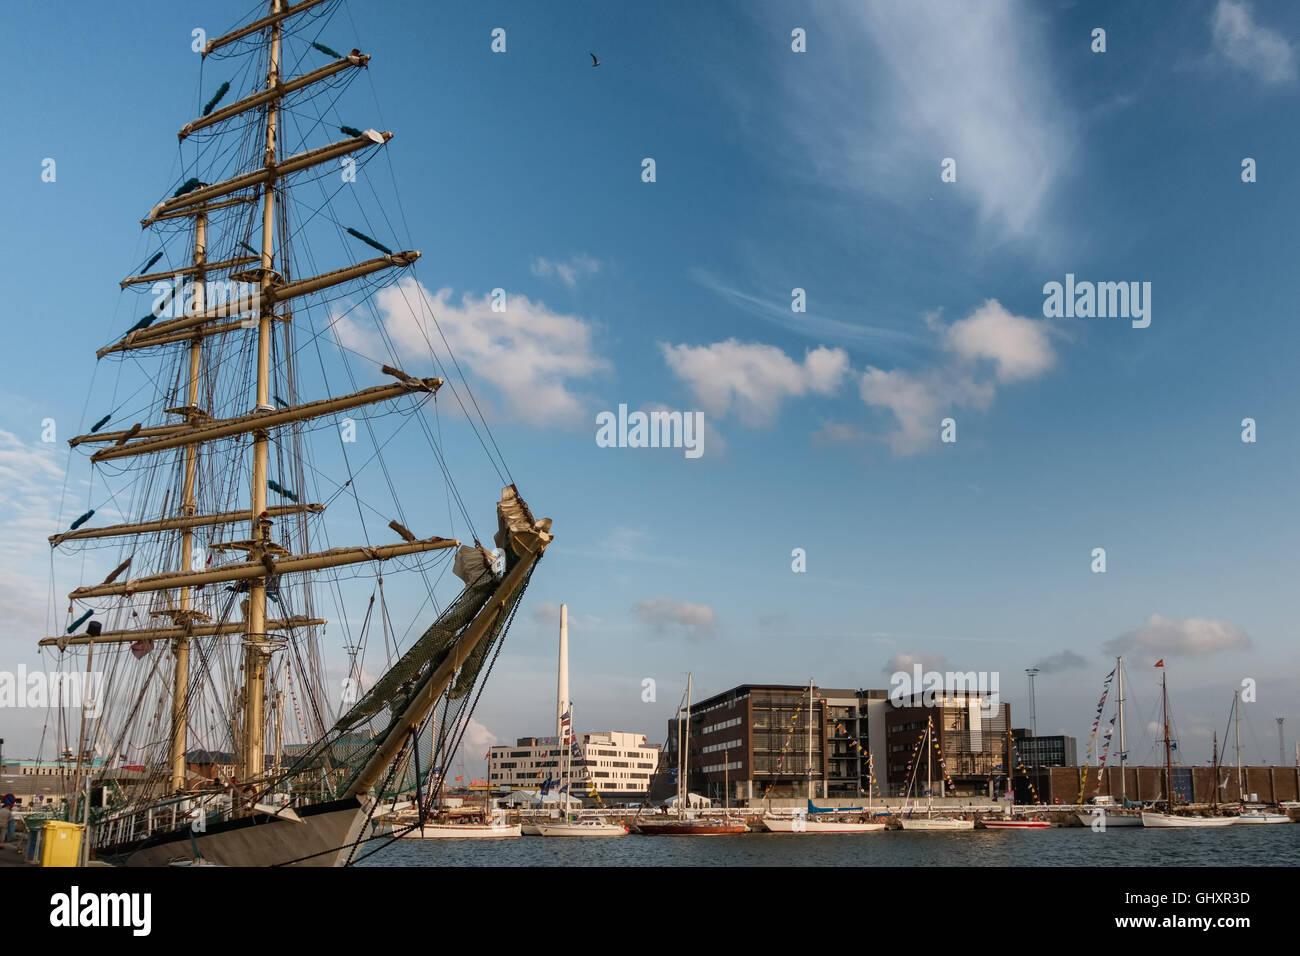 Tall ships race in Esbjerg harbor, Denmark - Stock Image